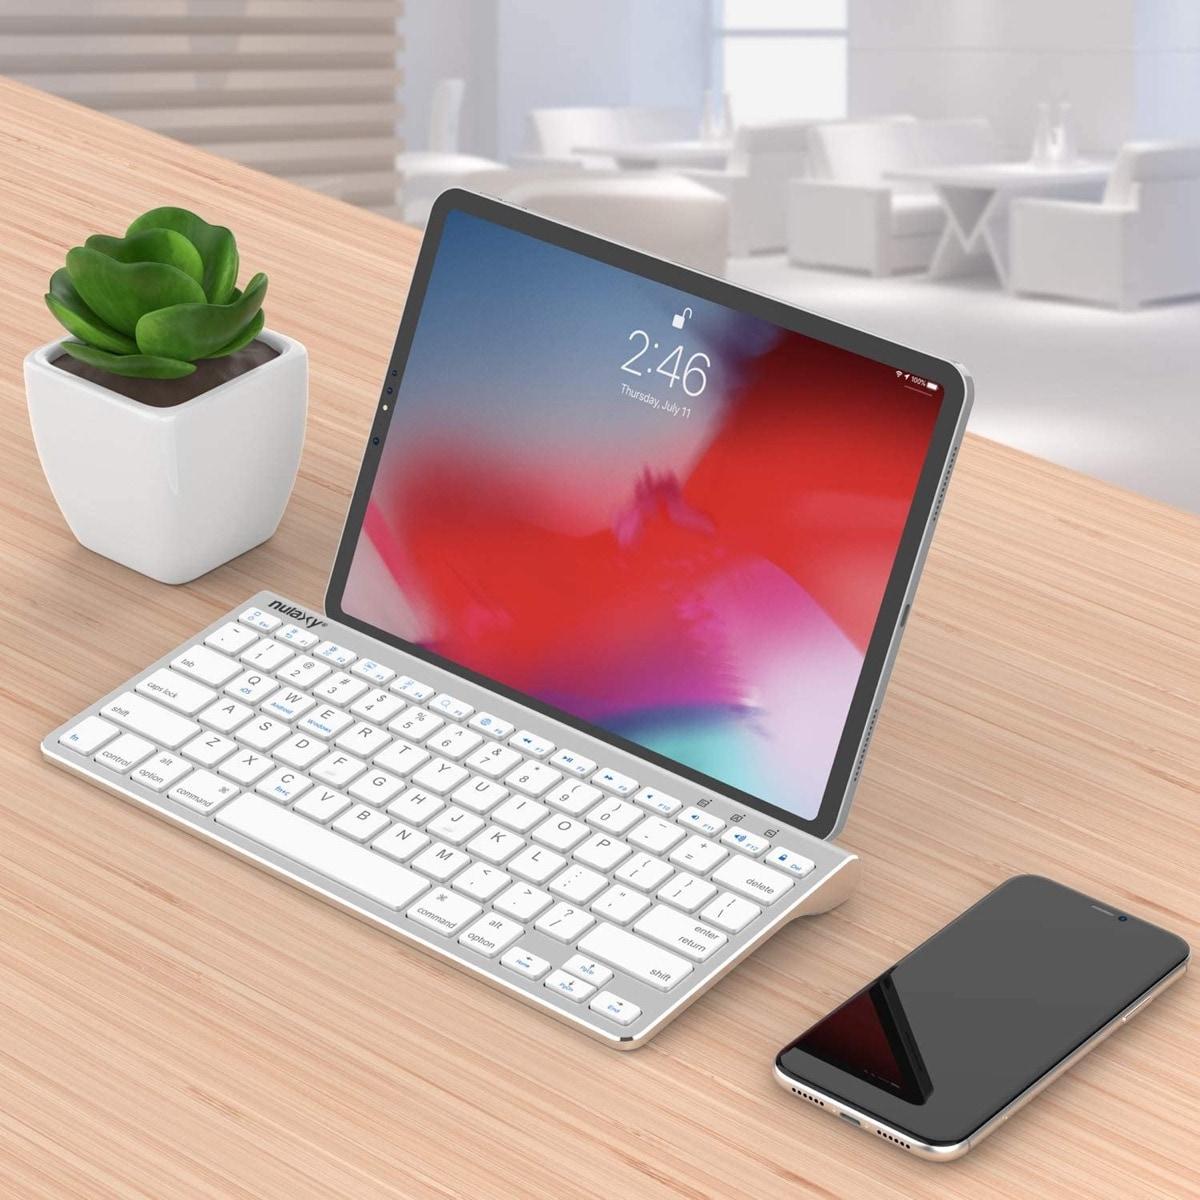 Nulaxy - best desktop keyboard for Amazon Fire tablets